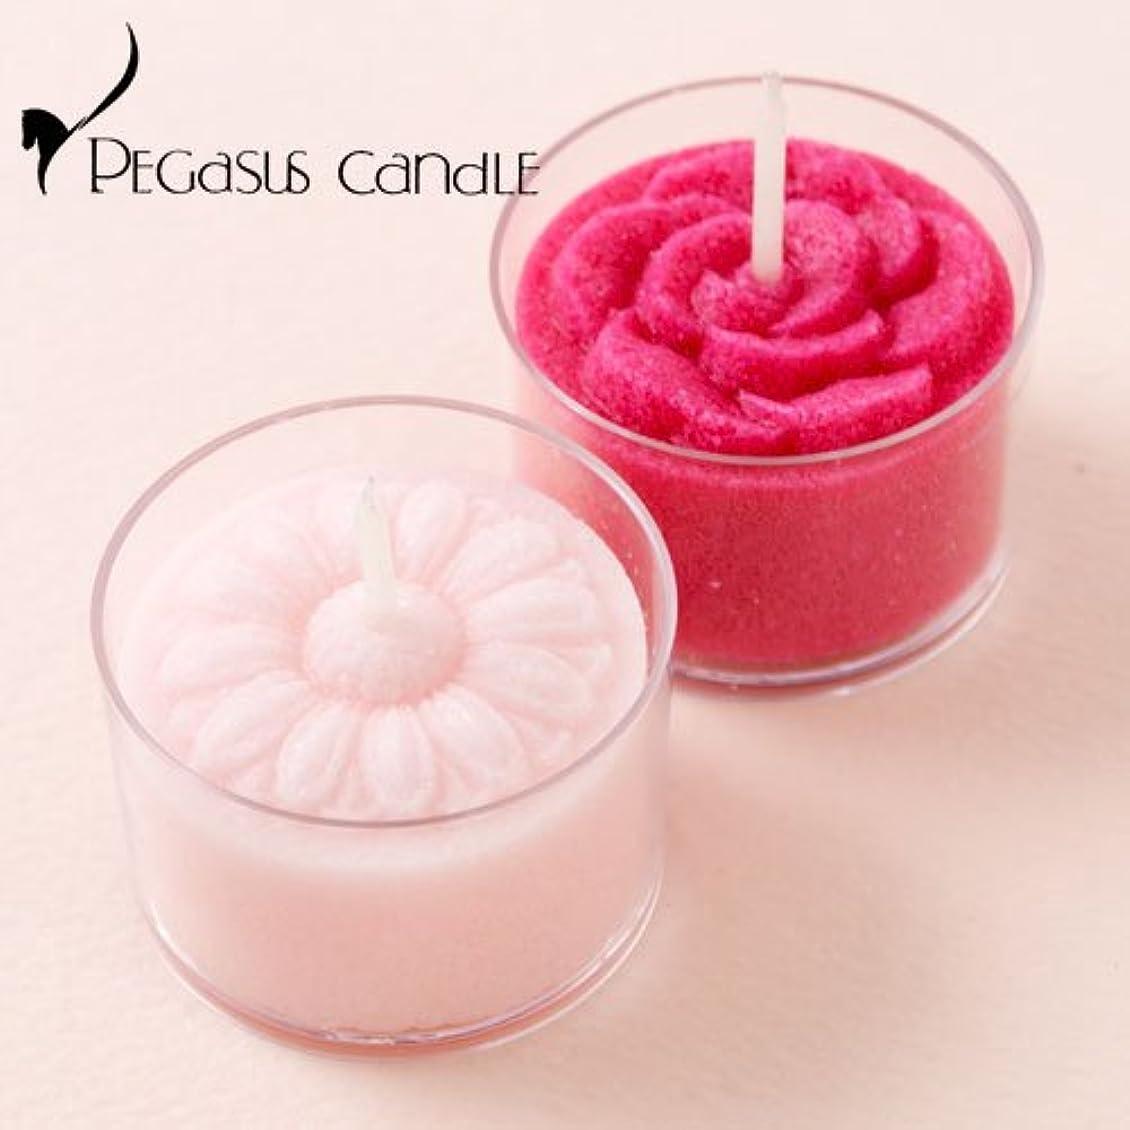 かご起きている主婦花暦マーガレット?バラ花の形のキャンドル2個セット(無香タイプ)ペガサスキャンドルFlower shaped candle